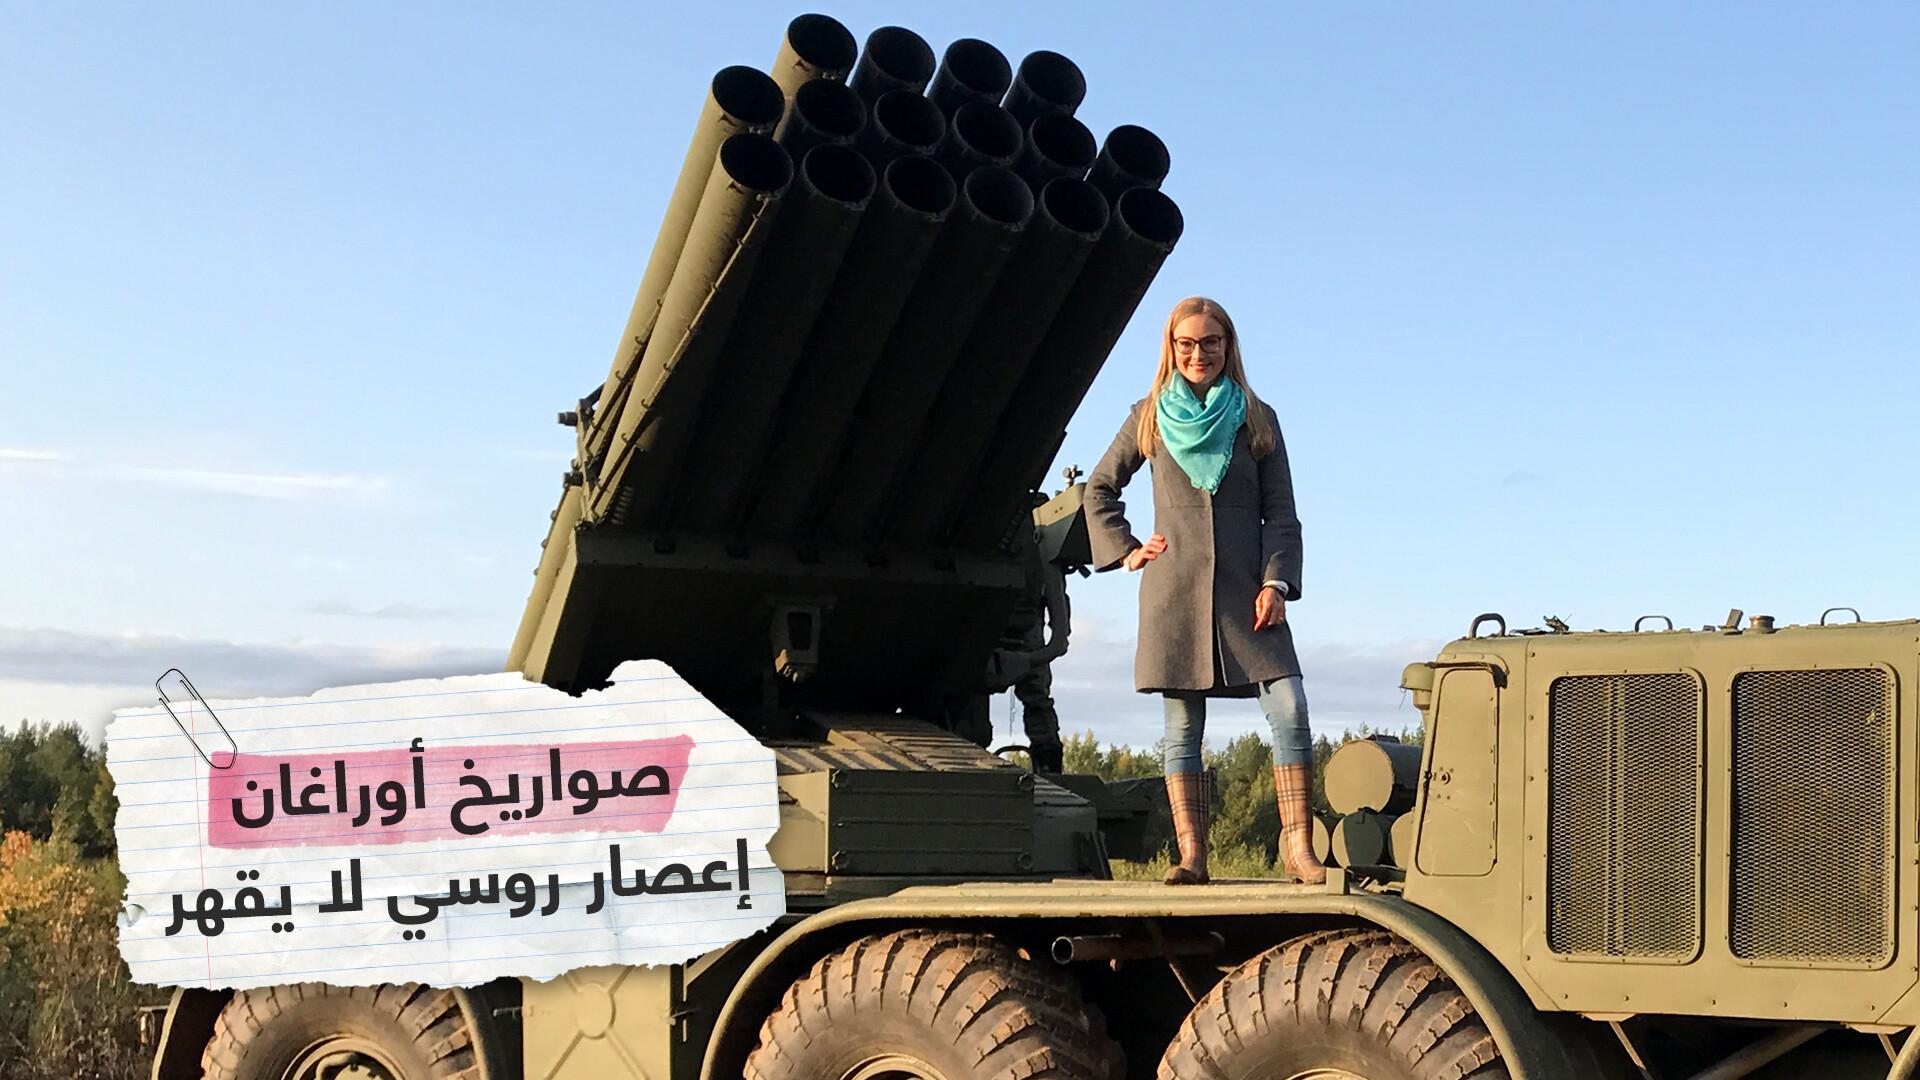 صواريخ أوراغان الروسية.. قوة تدميرية غاشمة